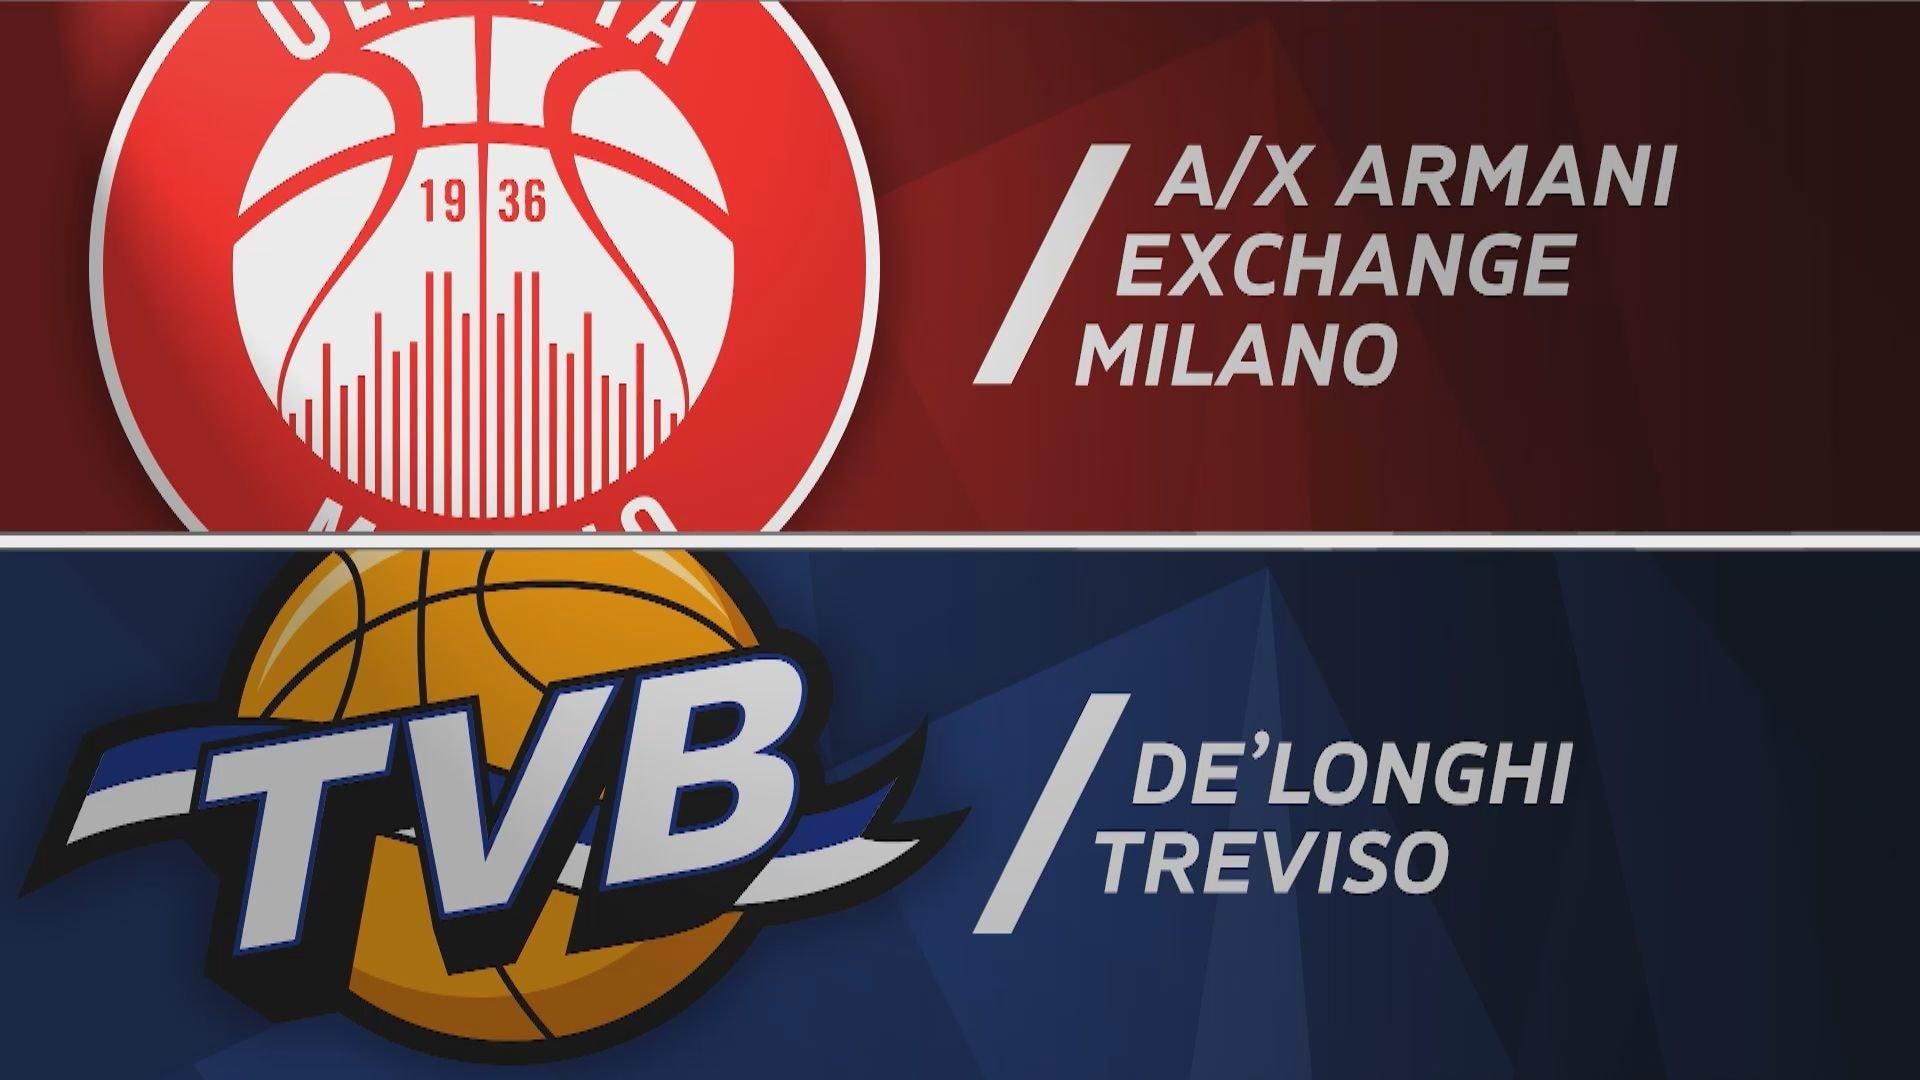 A|X Armani Exchange Milano - De'Longhi Treviso91-67